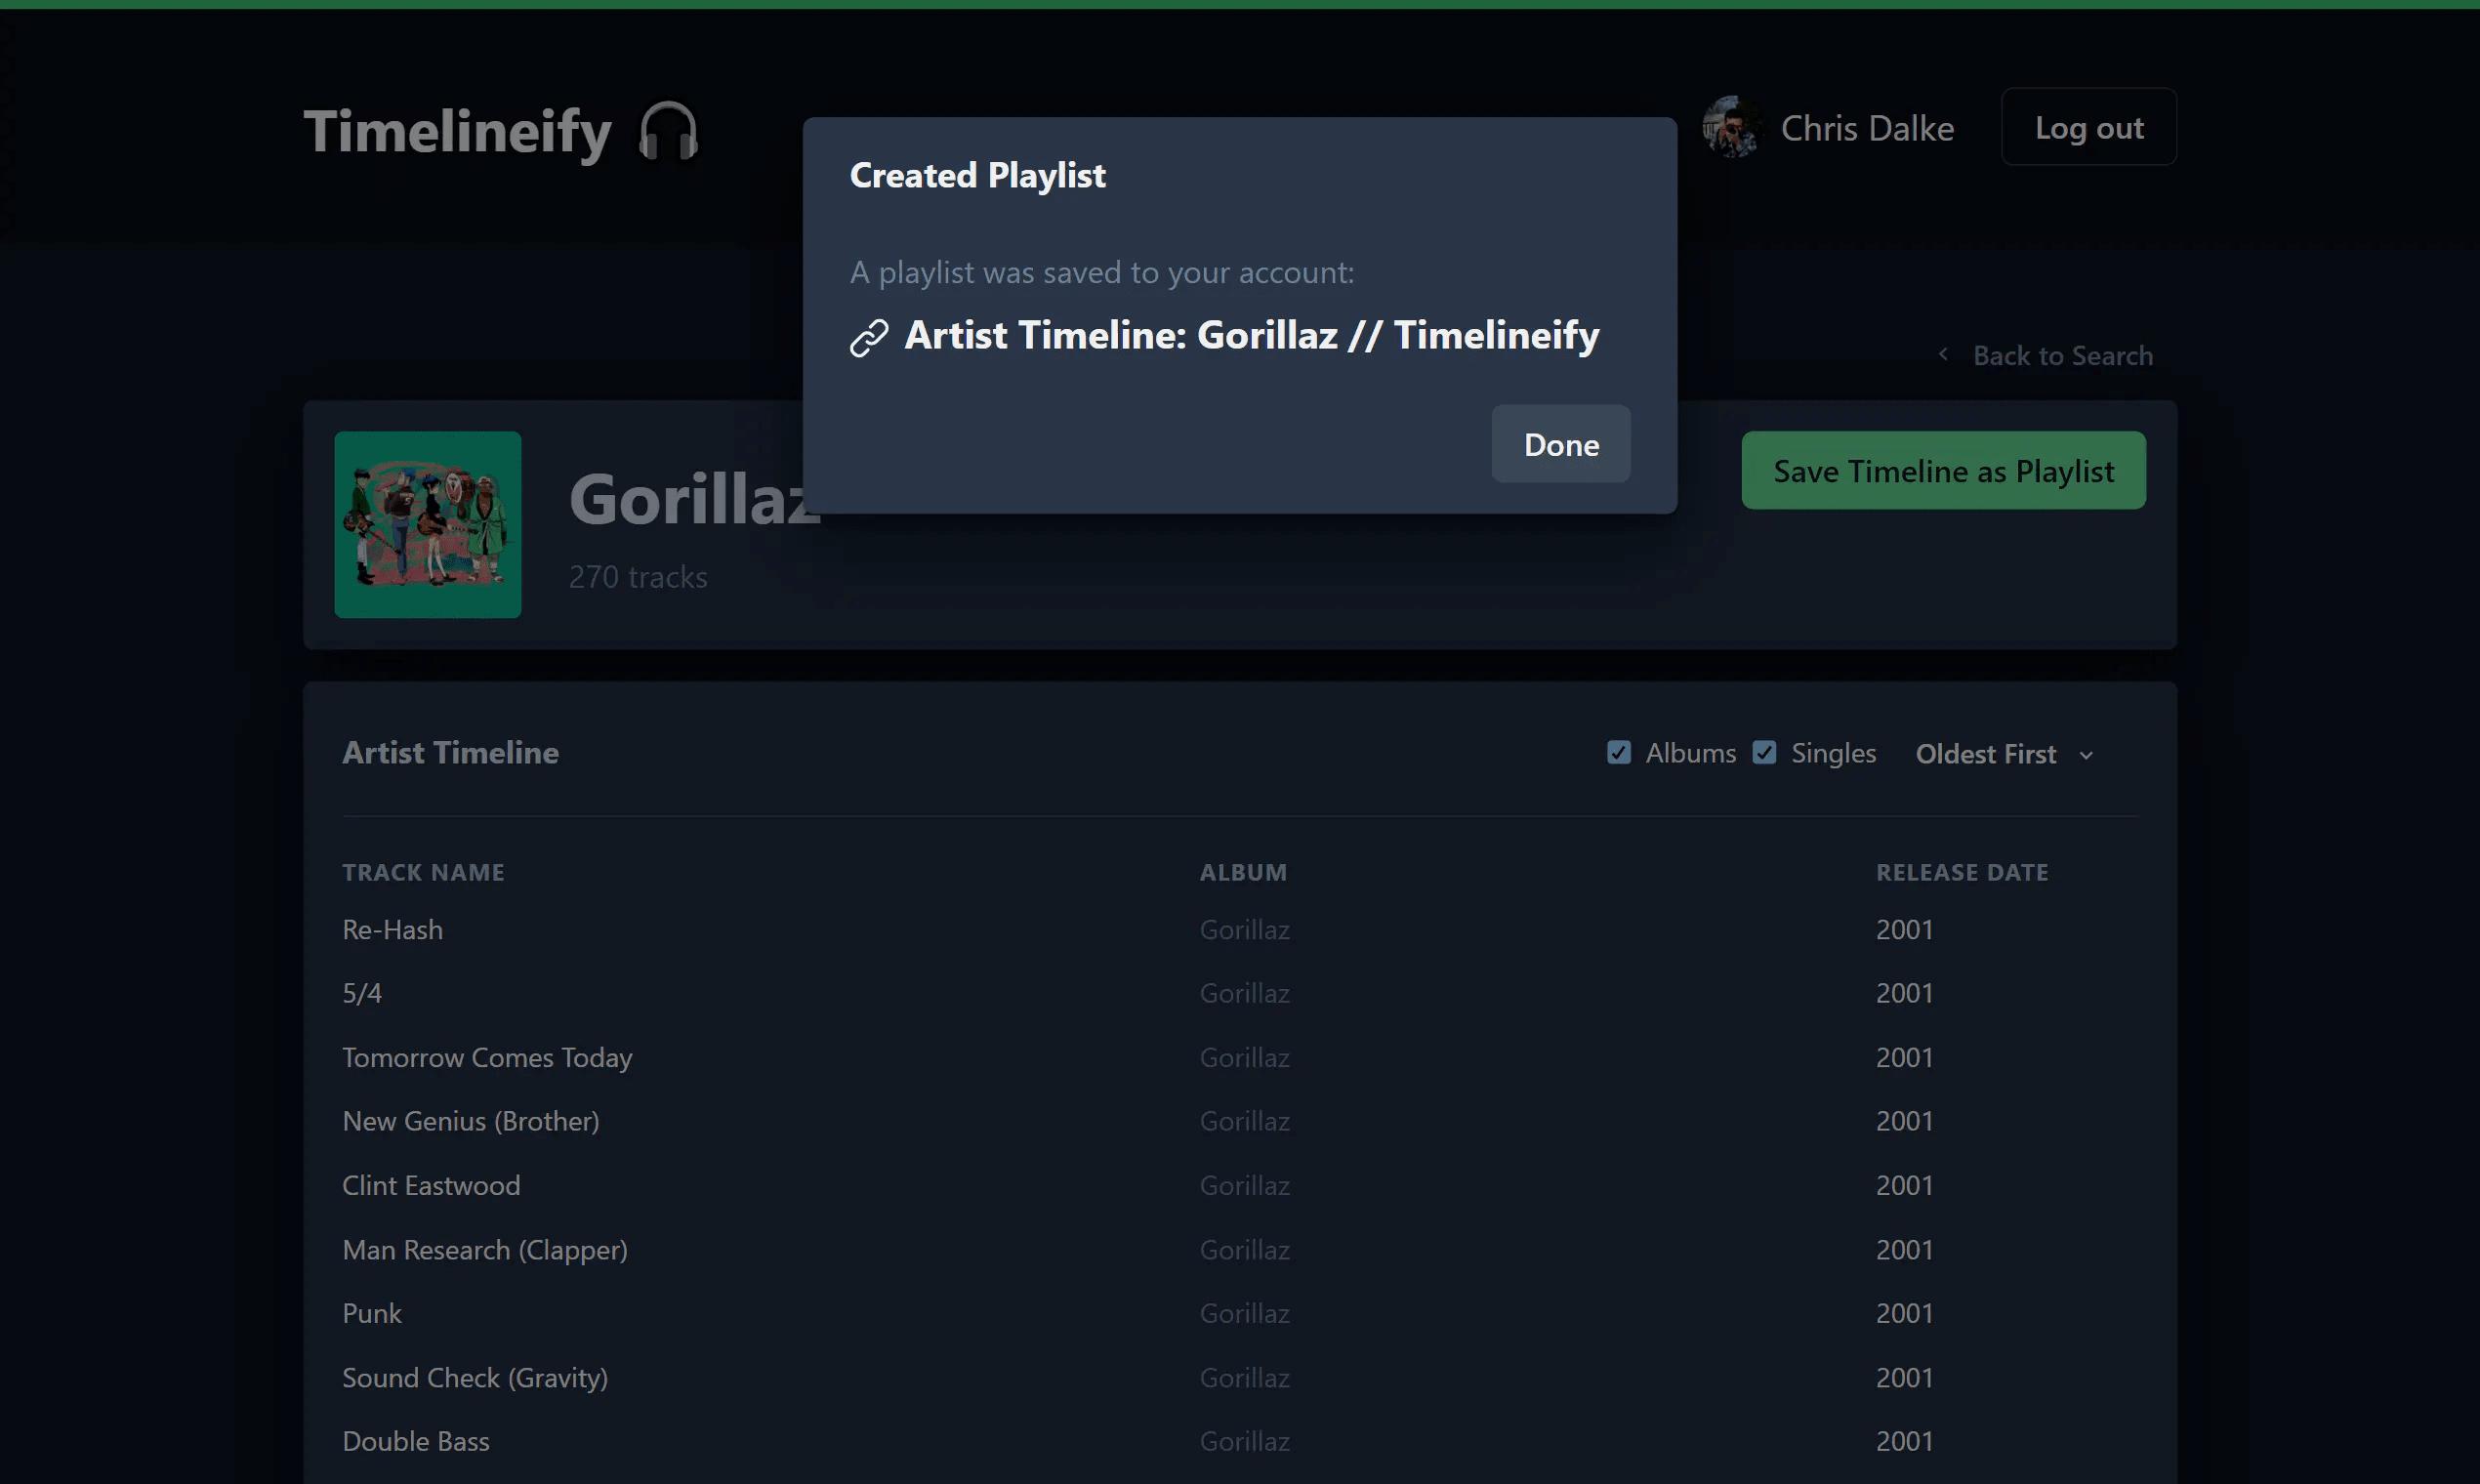 Timelineify - Artist View 2